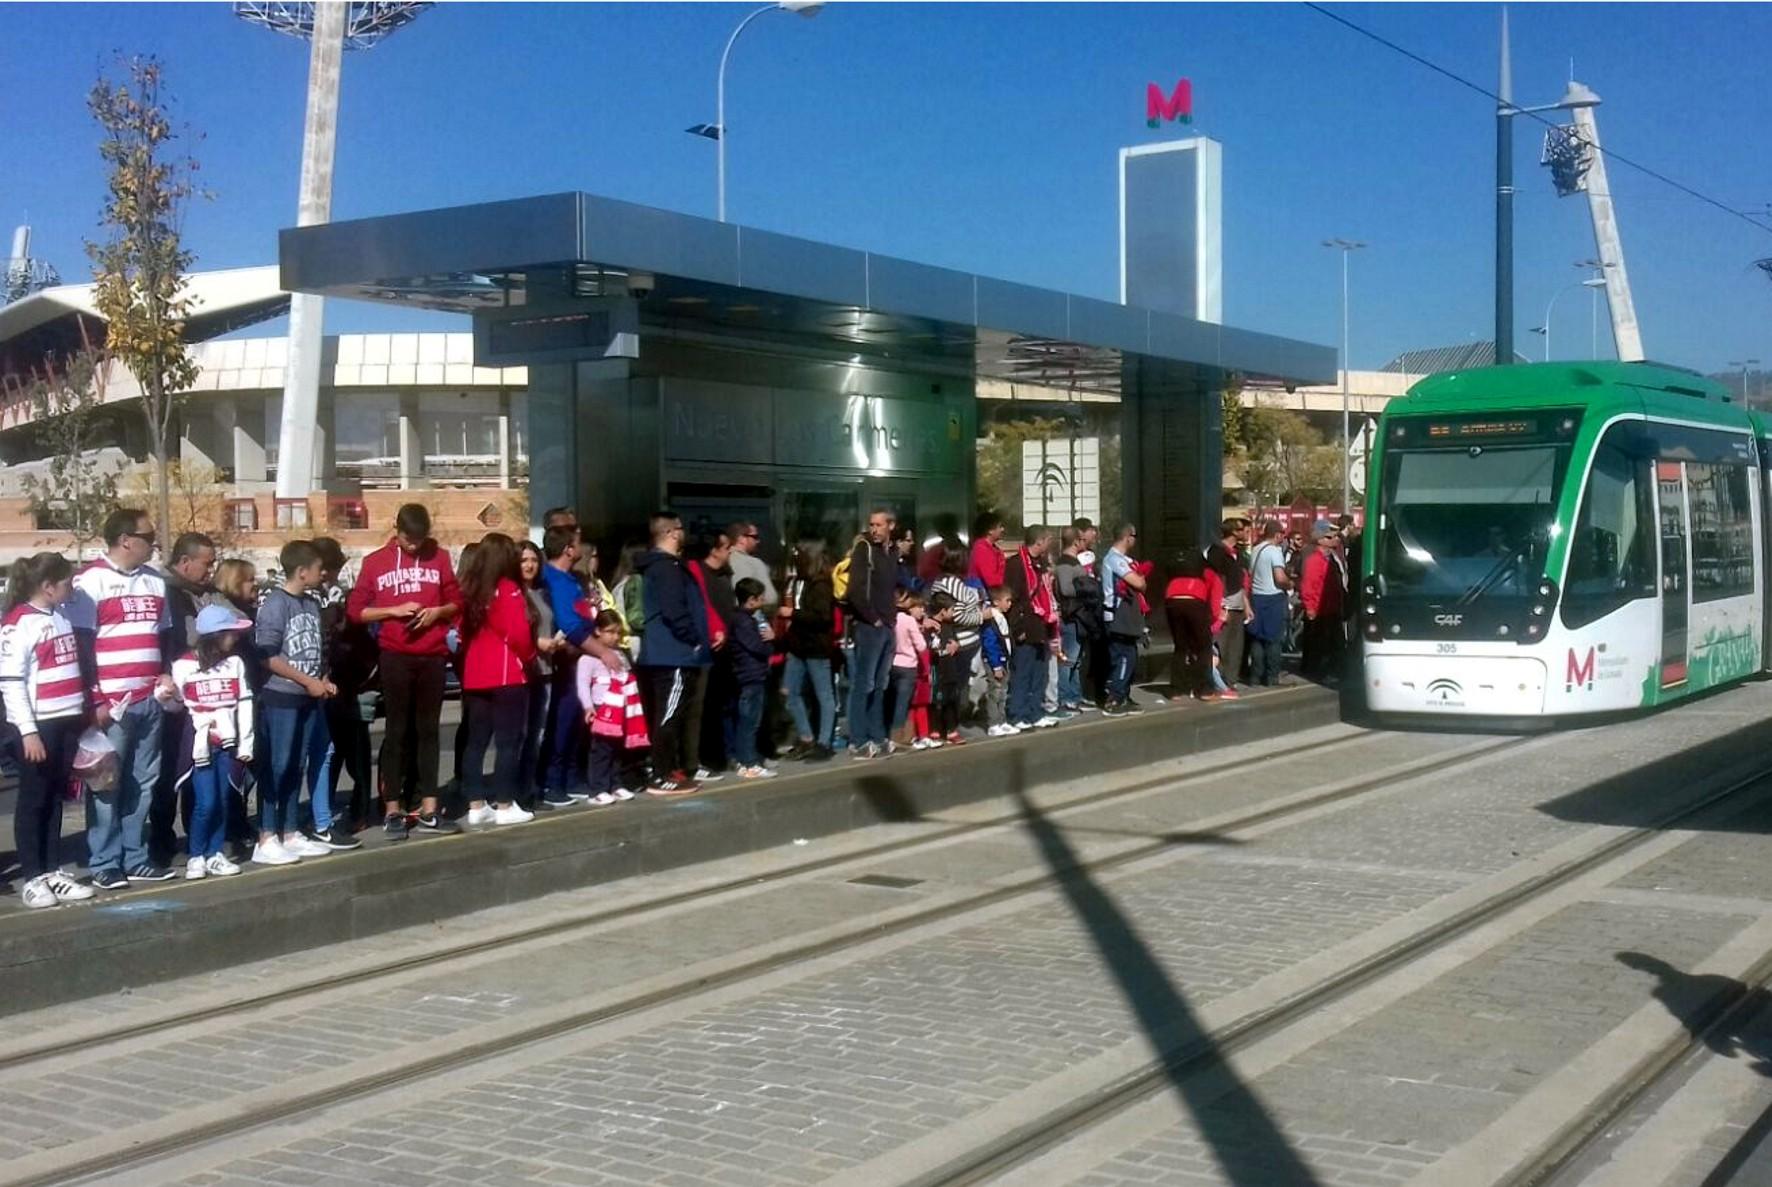 La Junta recomienda acudir en metro a la celebración del FC Granada.